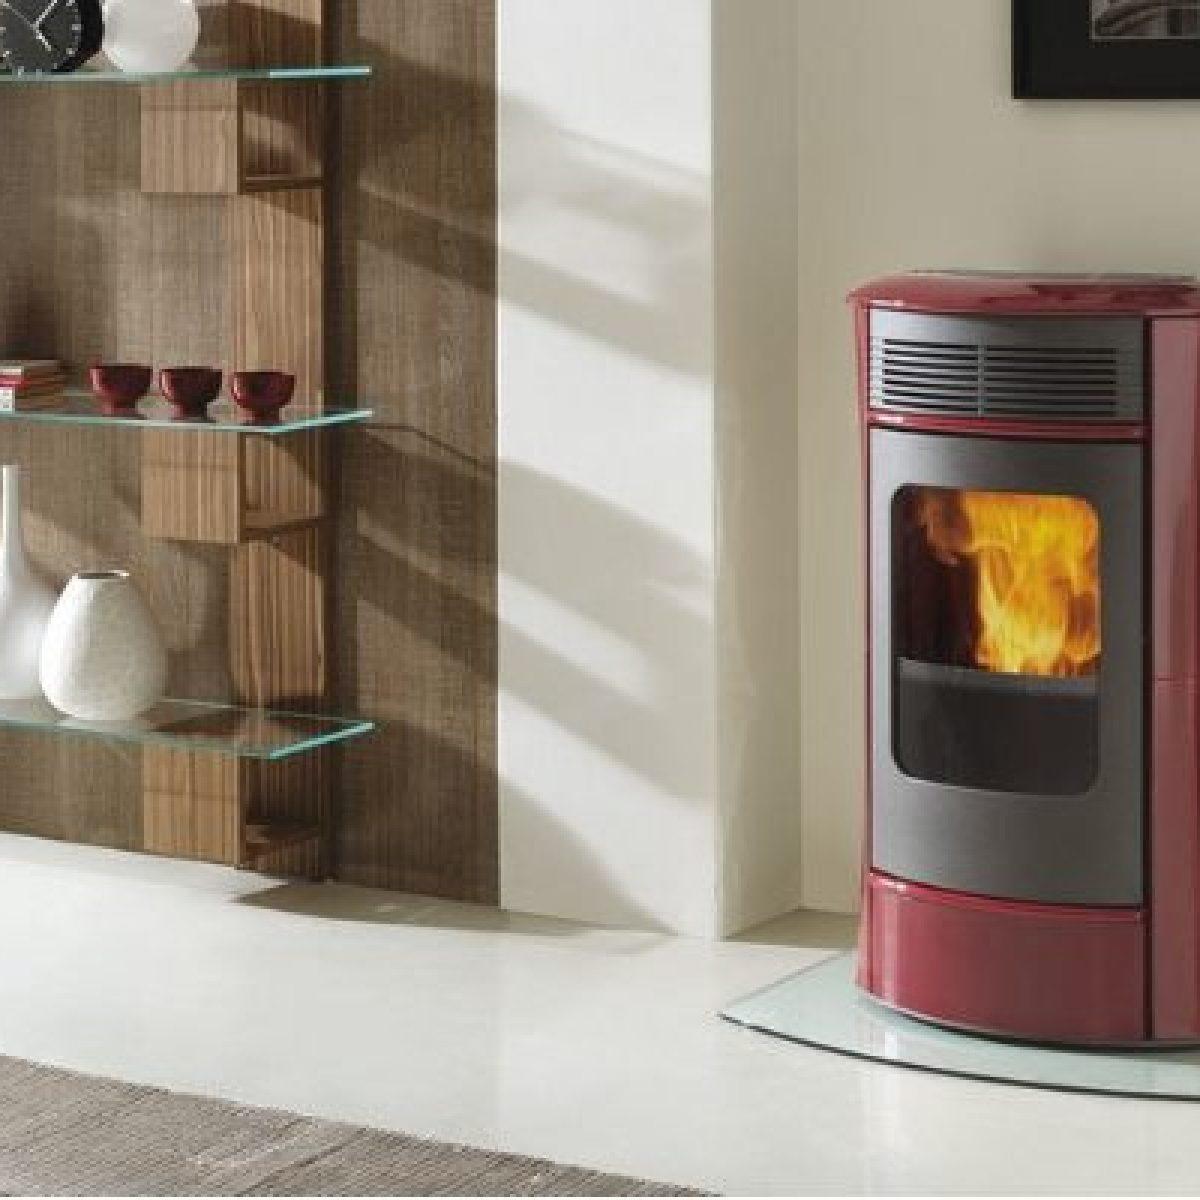 Pannelli Radianti Al Posto Dei Termosifoni migliori termostufe a pellet: la classifica 2020 delle più